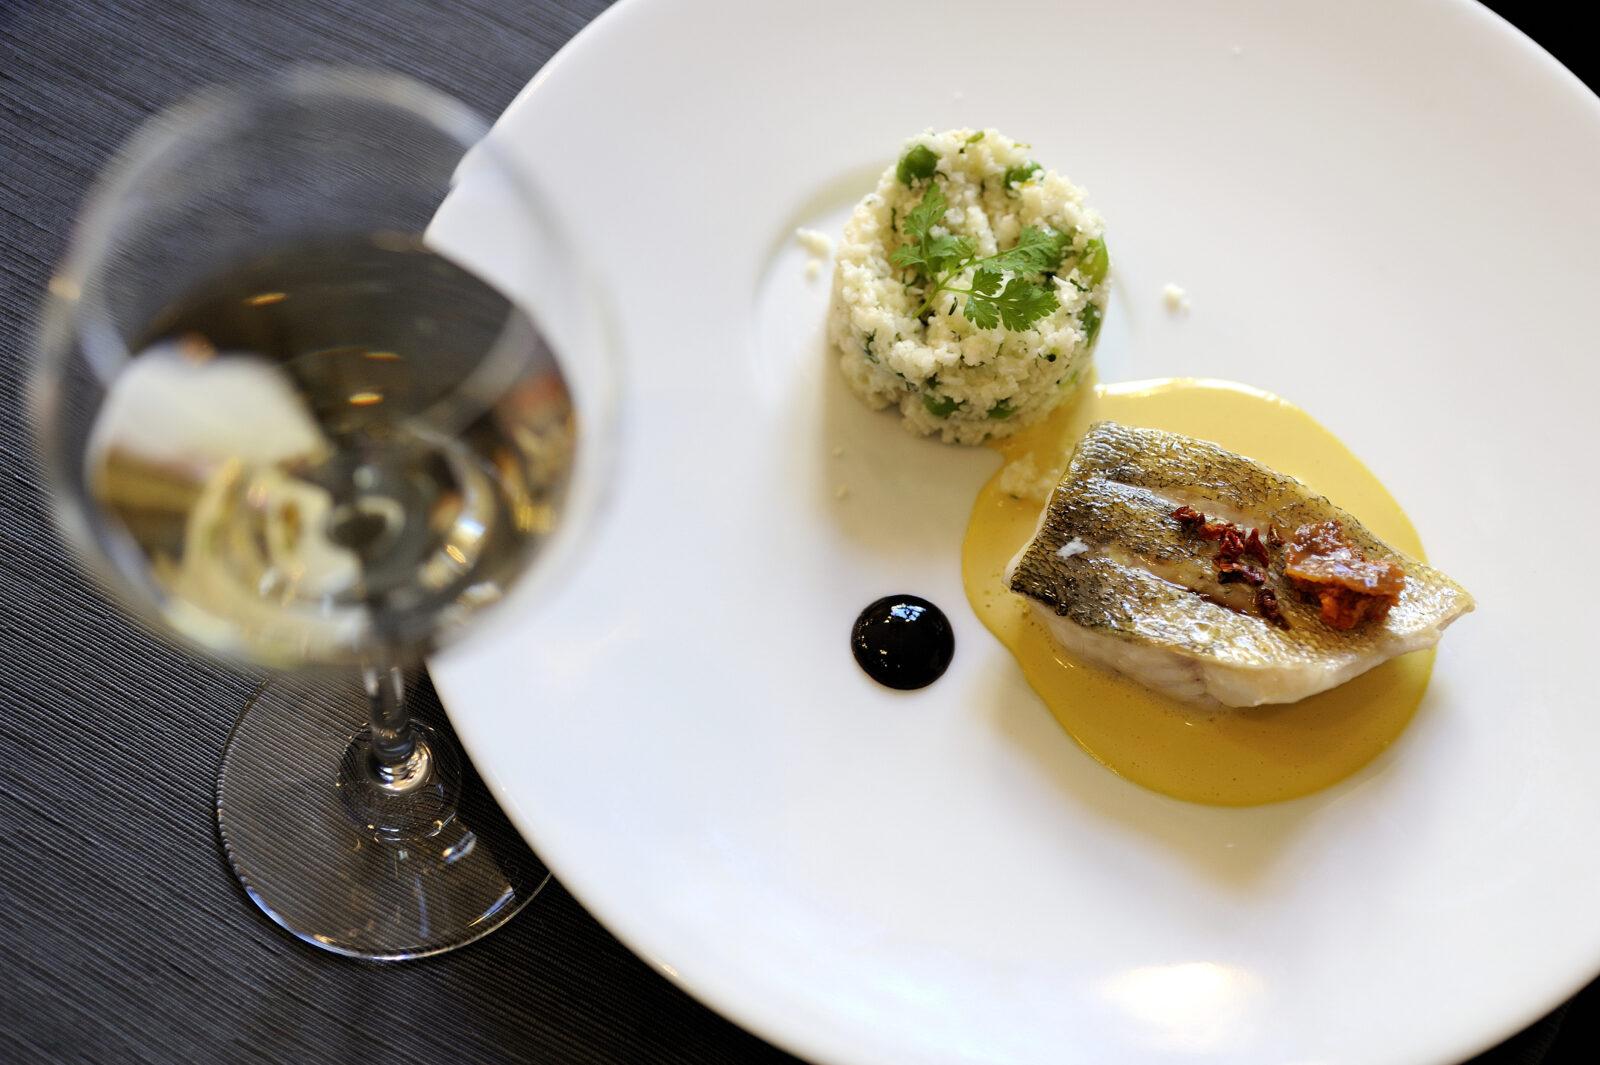 https://omagazine.fr/wp-content/uploads/2017/06/Omag.2017.Angers3.BAF_.4.Gastronomie2©JS-Evrard-scaled.jpg